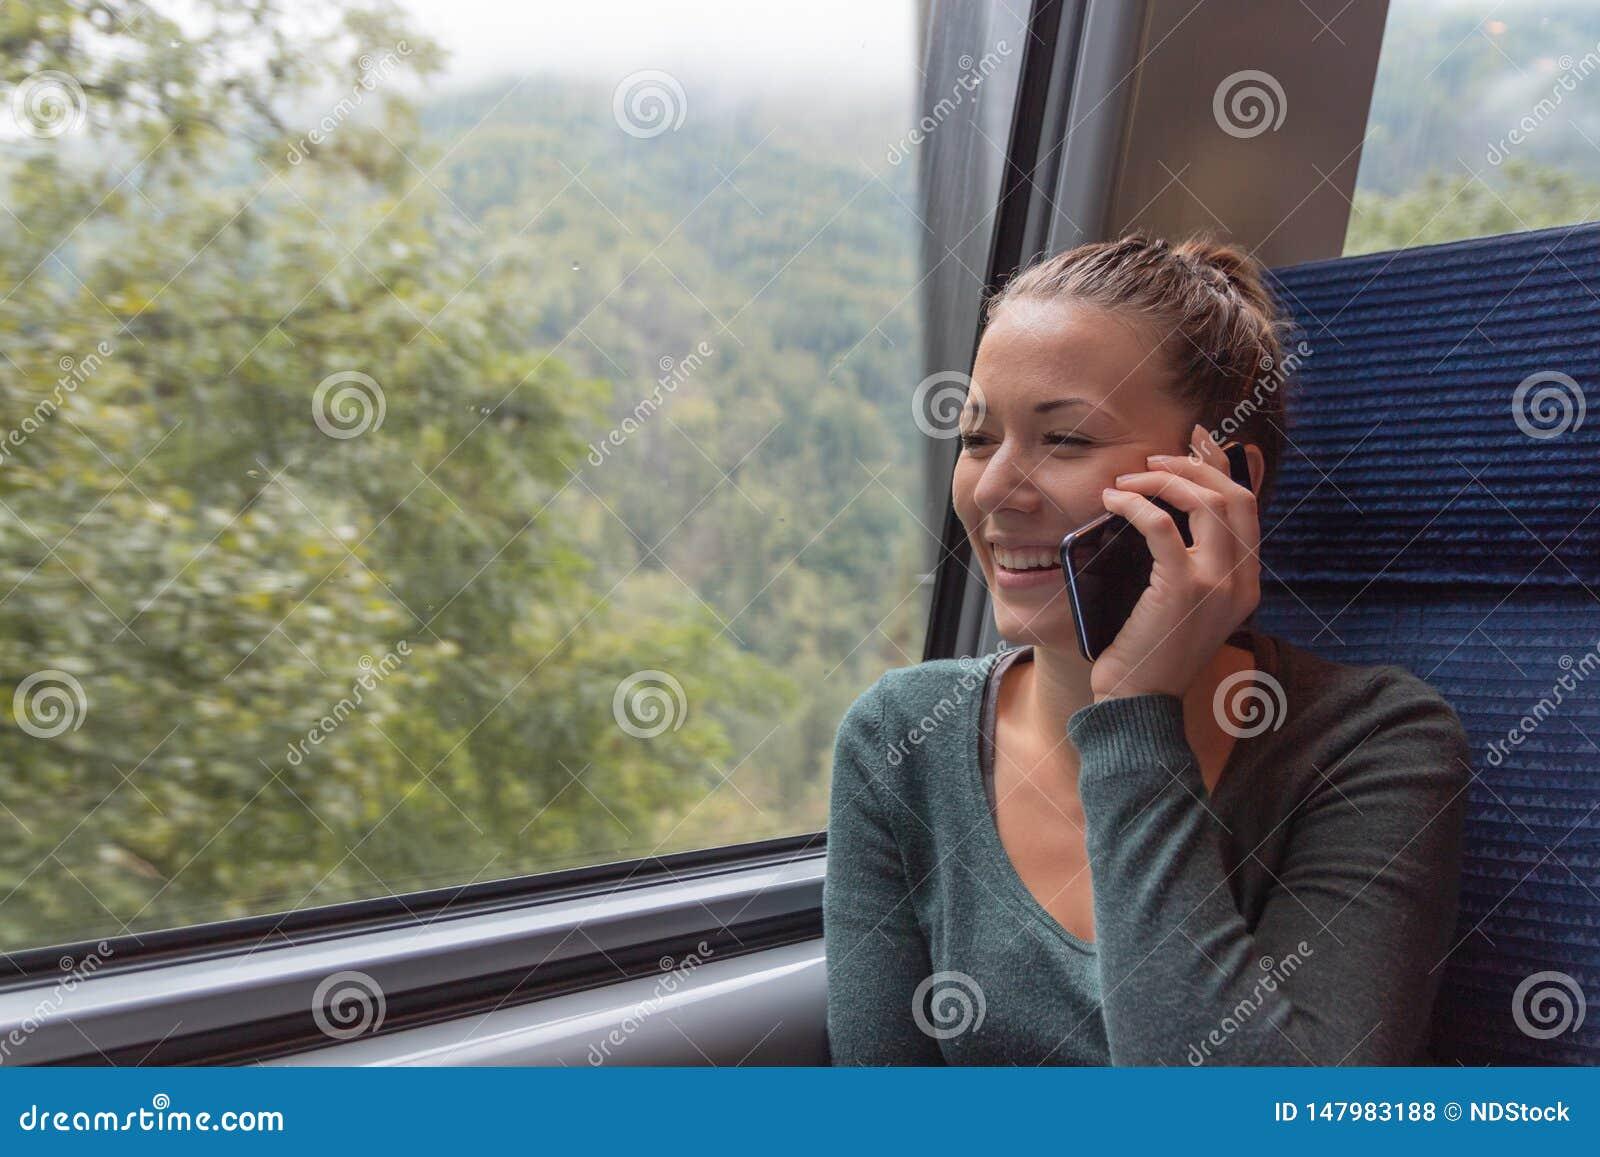 Молодая женщина зноня по телефону с его смартфоном во время путешествия в поезде пока она идет работать